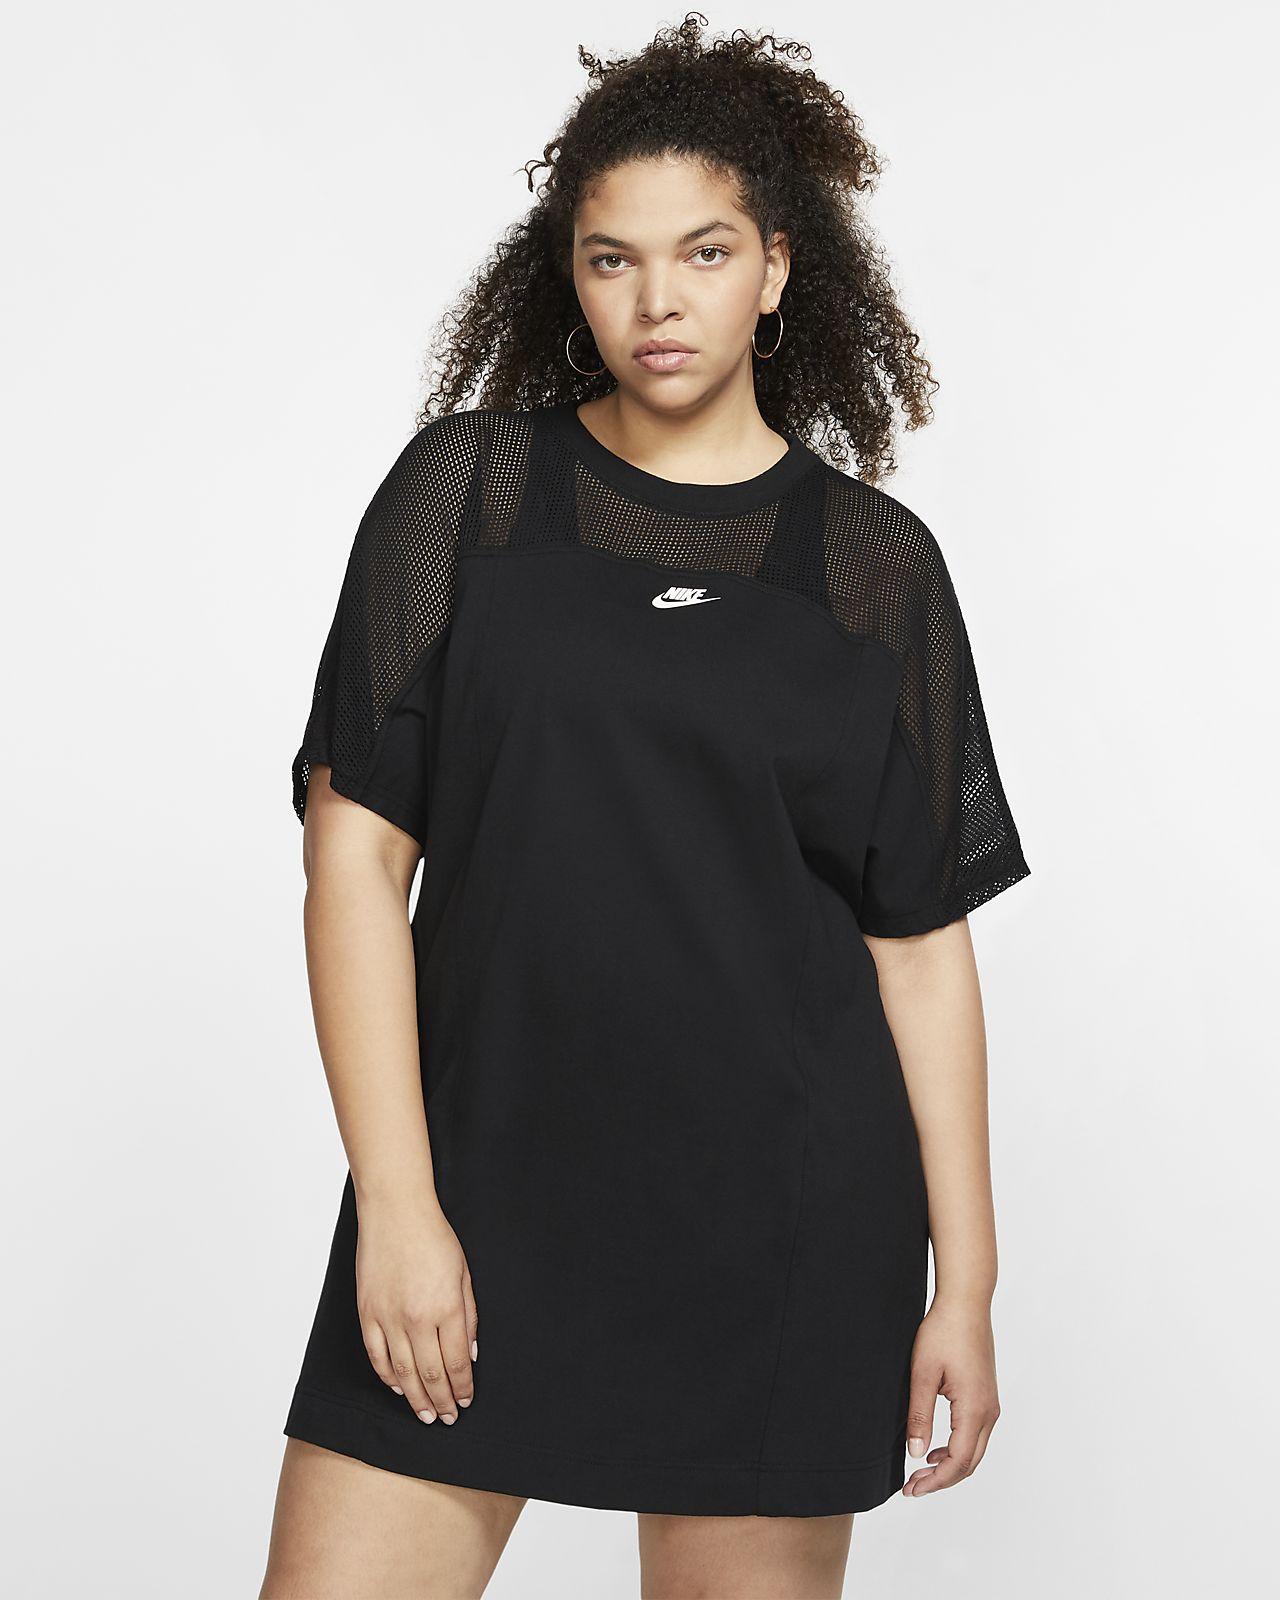 Robe en mesh Nike Sportswear pour Femme (grande taille)